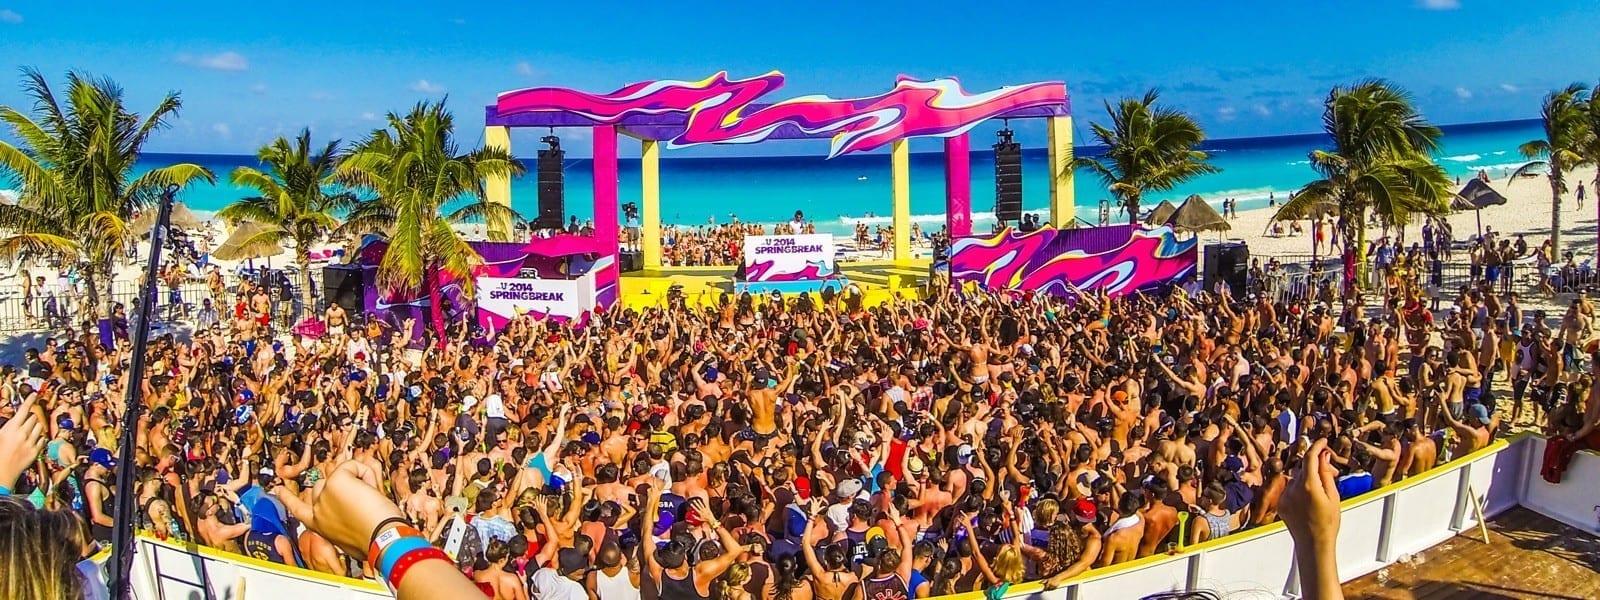 Cancun Spring Break Festival